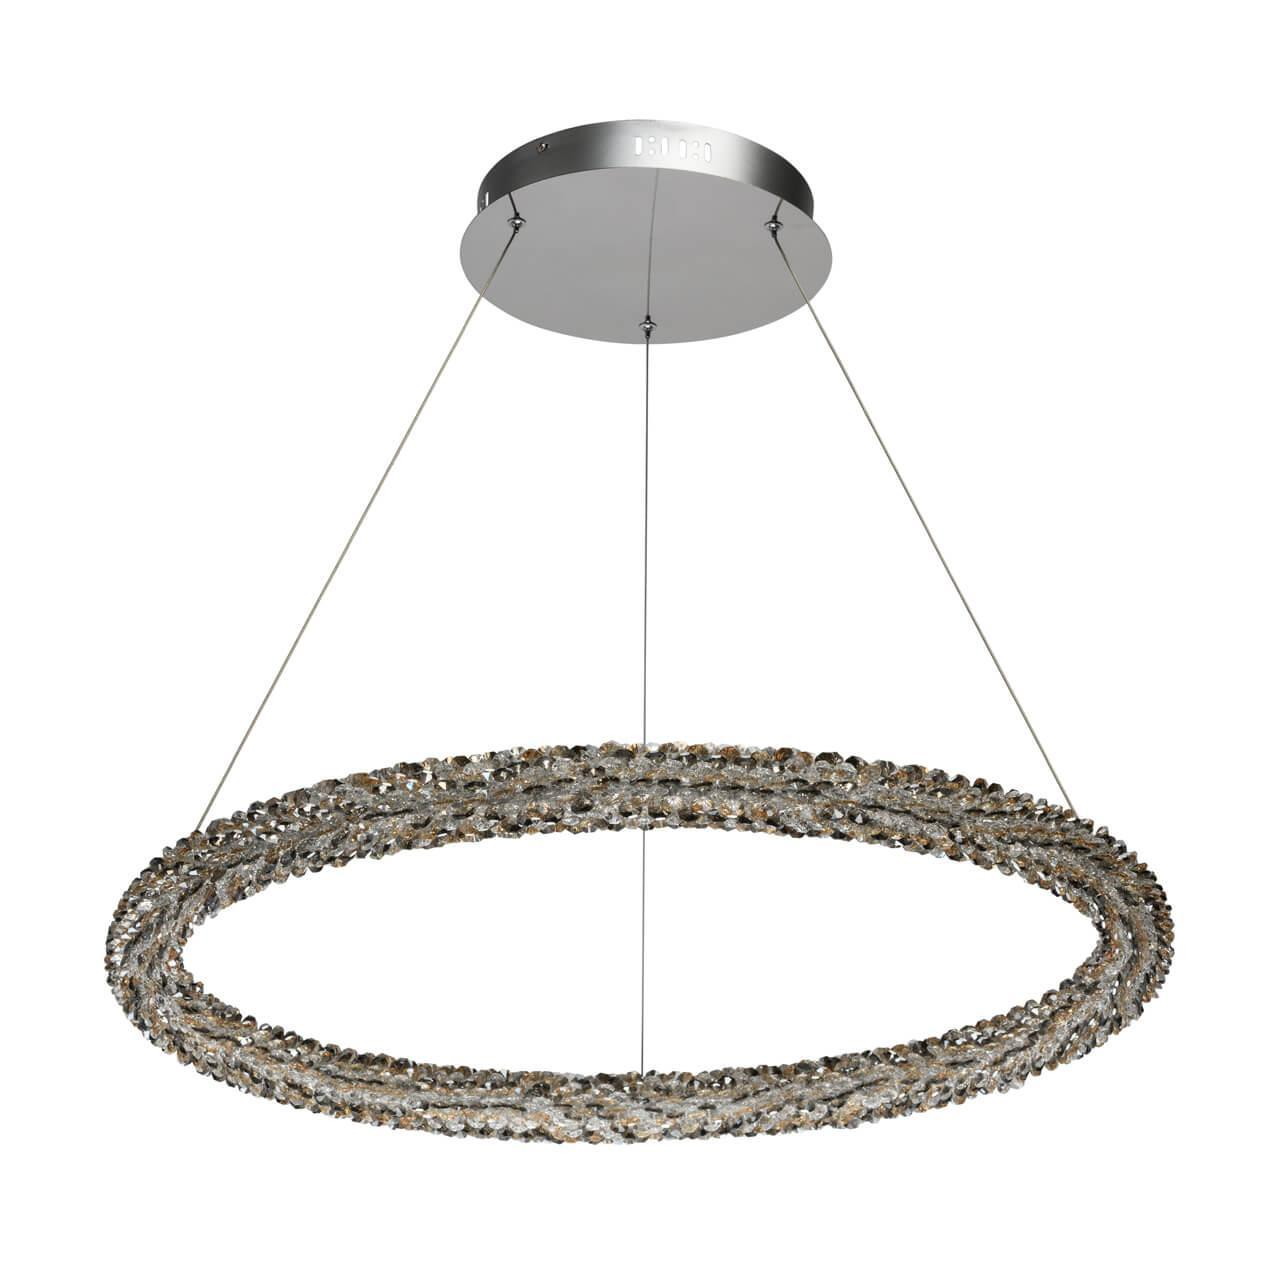 Подвесной светодиодный светильник Chiaro Гослар 12 498014101 подвесной светодиодный светильник chiaro гослар 5 498012202